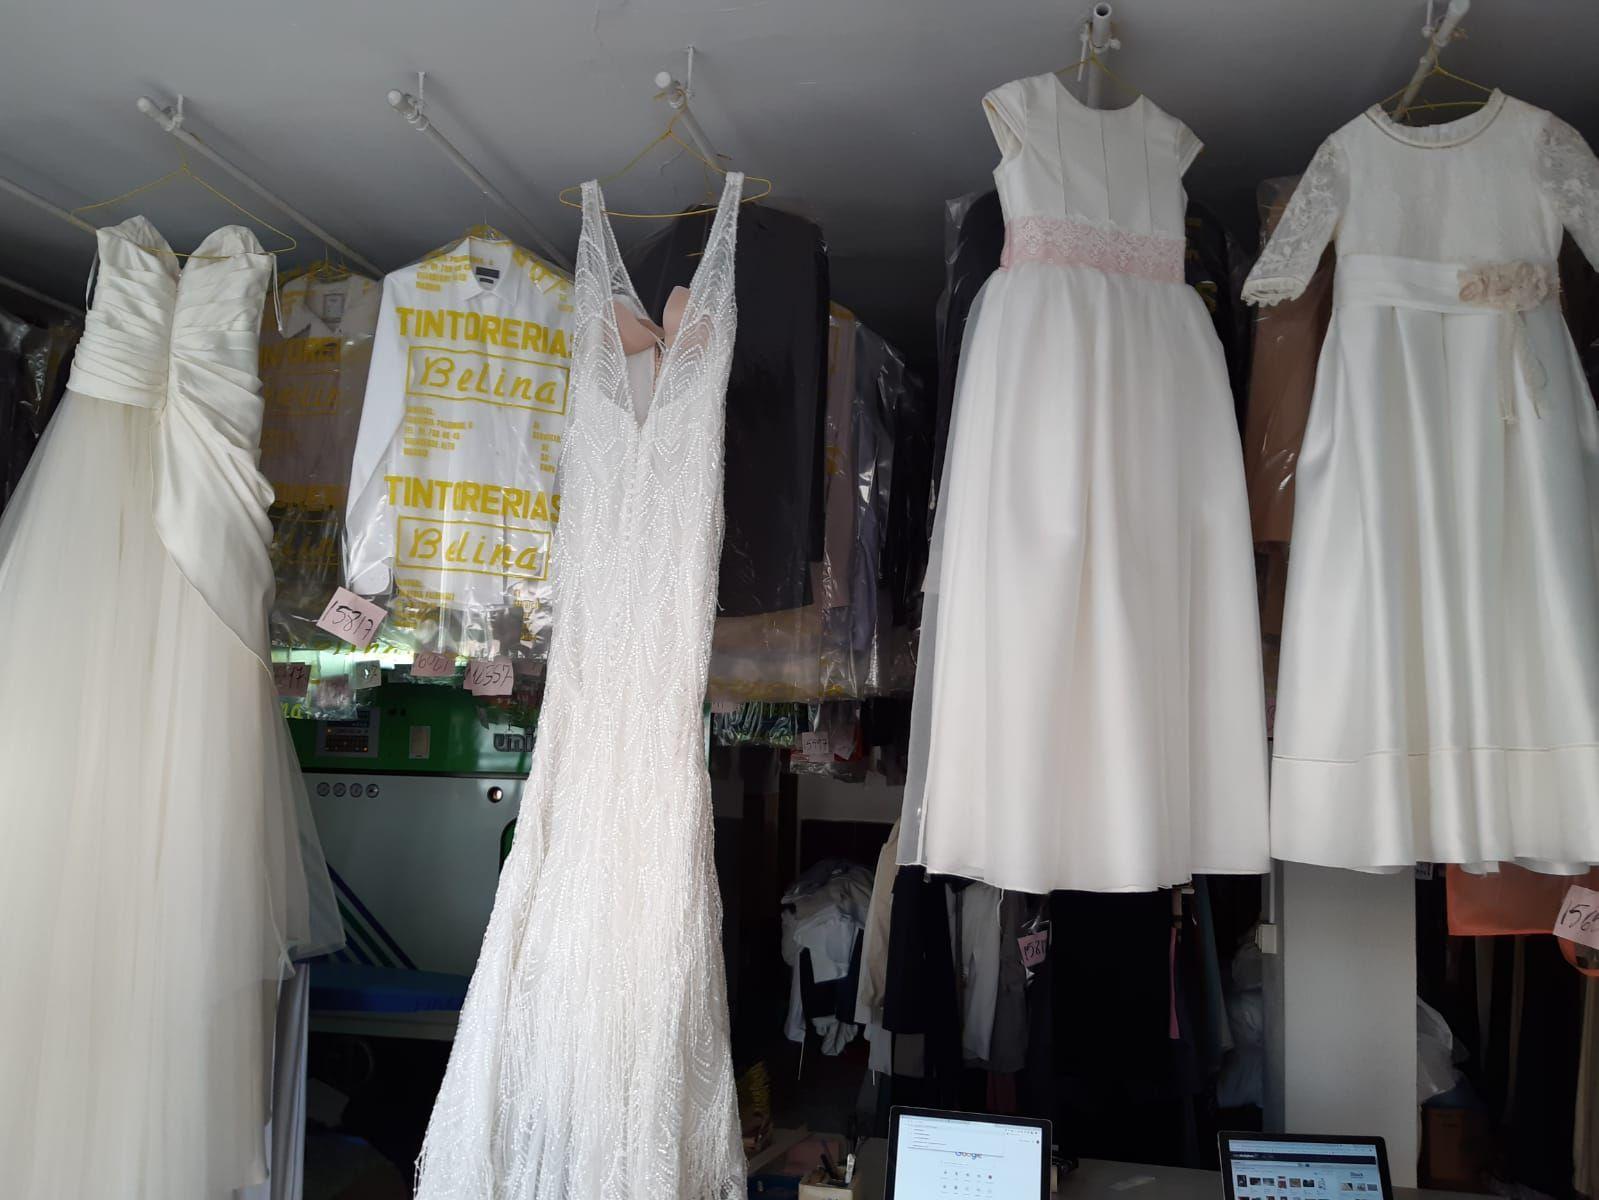 Foto 6 de Tintorerías y lavanderías en Madrid | Tintorería Belina